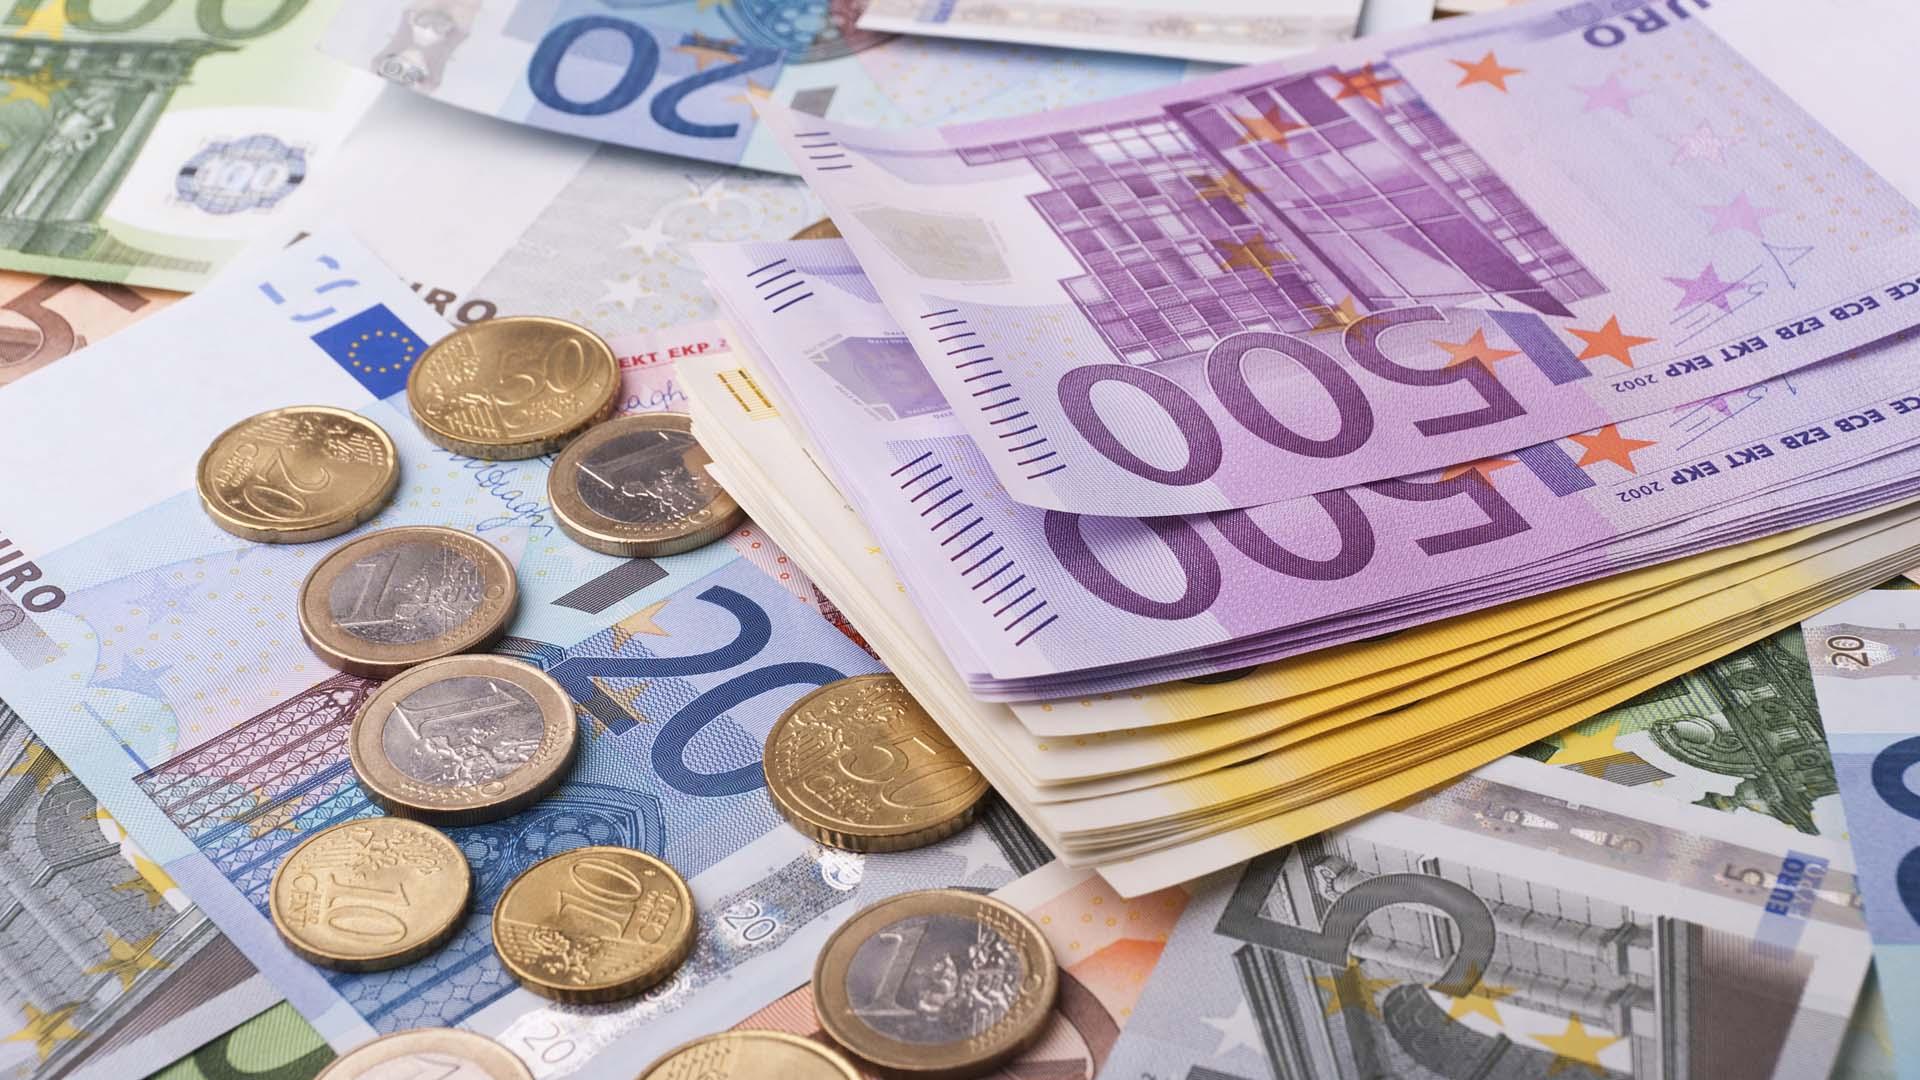 El PIB del país europeo aumentó 1,5% en 2015